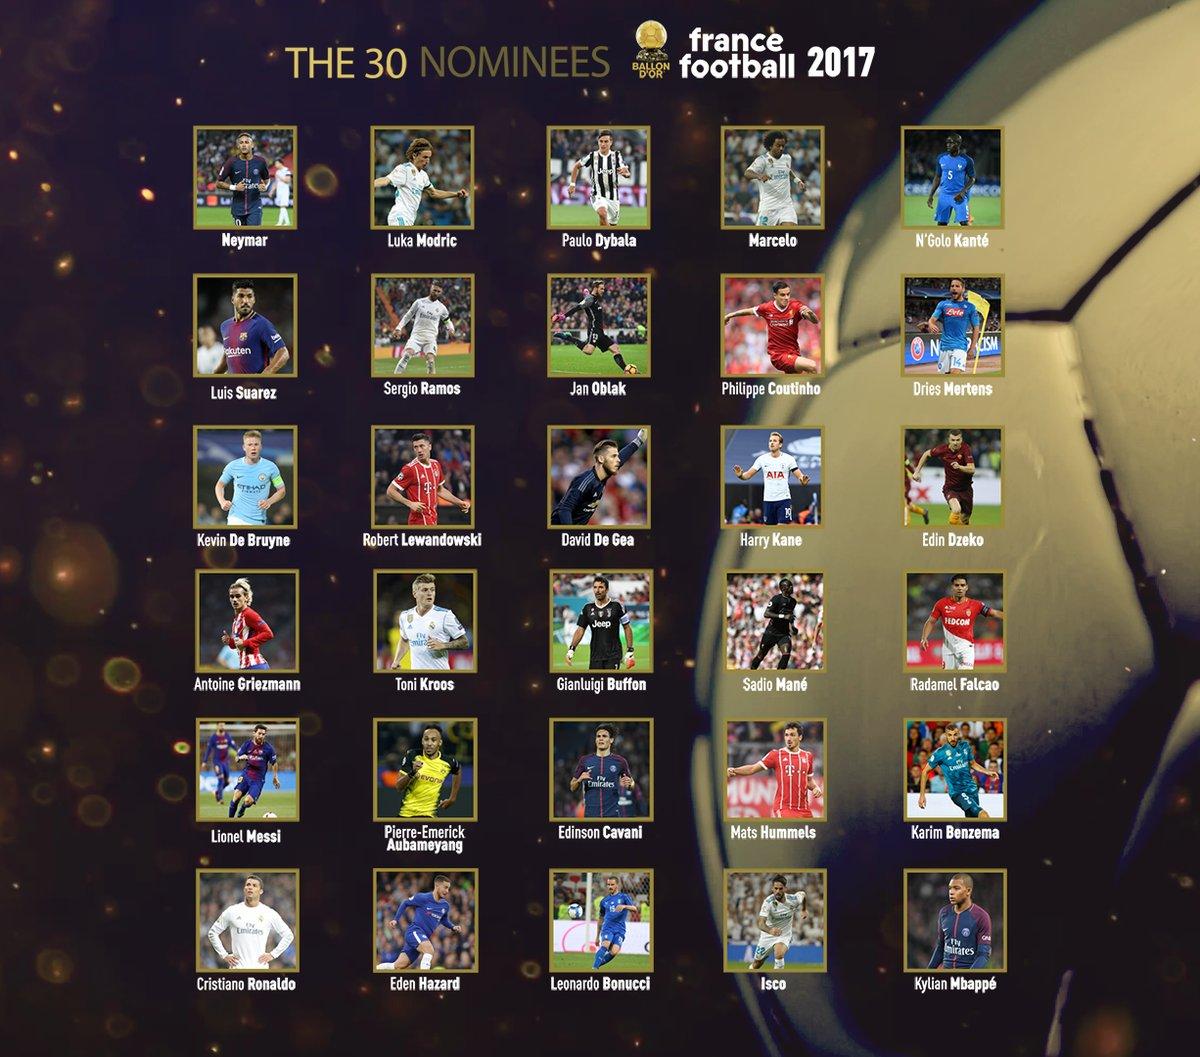 знанием 30 претендентов на золотой мяч 2017 портрет будет